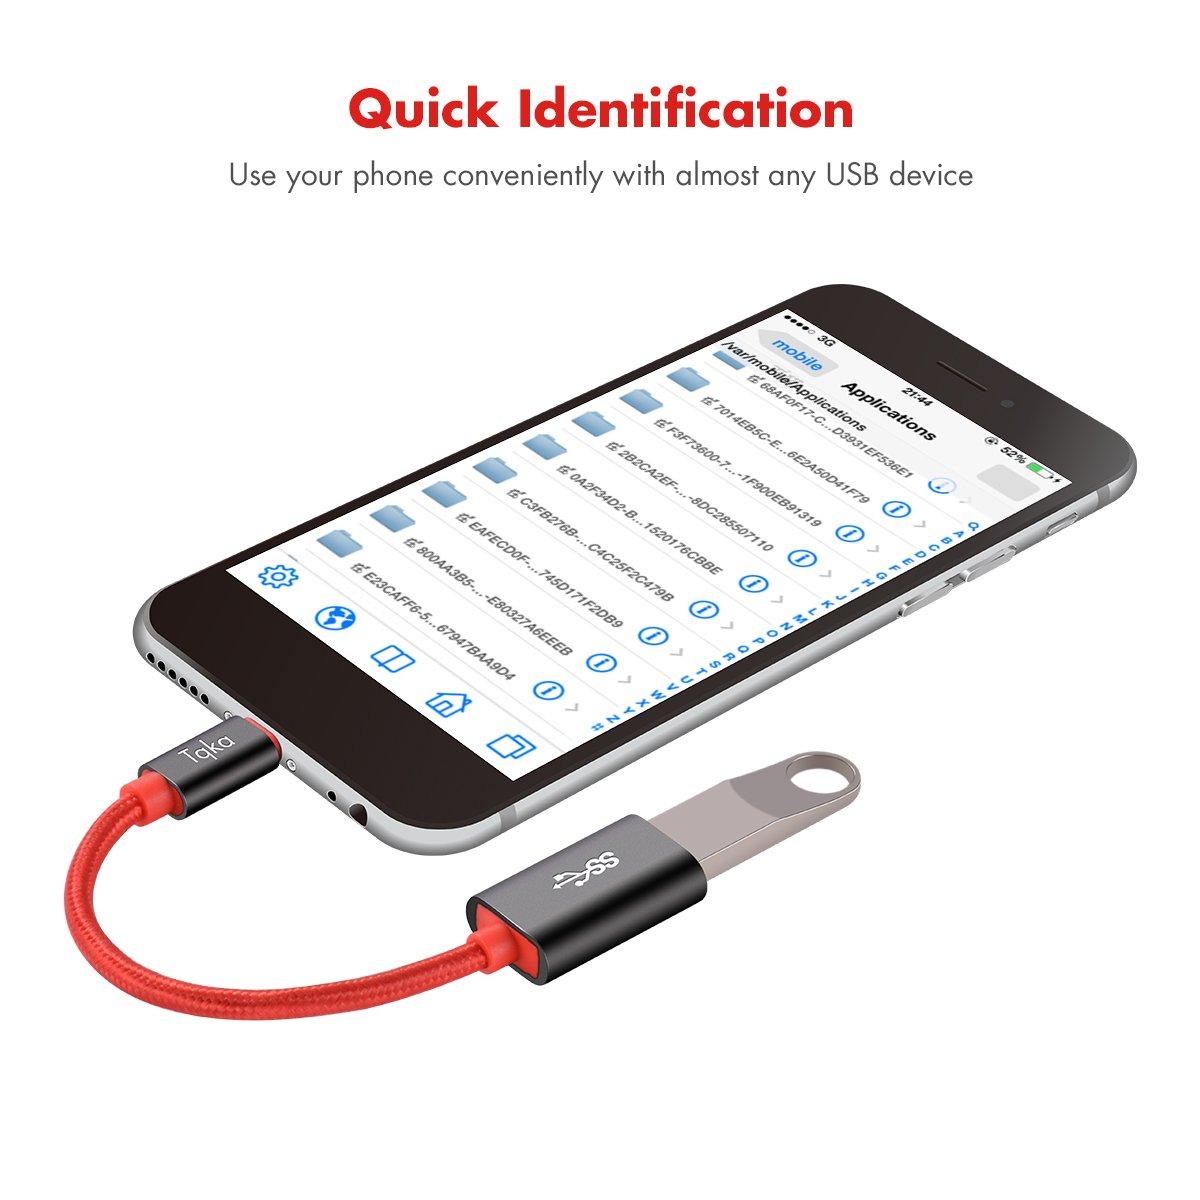 Tqka USB-C auf USB 3.0 OTG-Adapter, USB 3.0 Typ C: Amazon.de: Elektronik